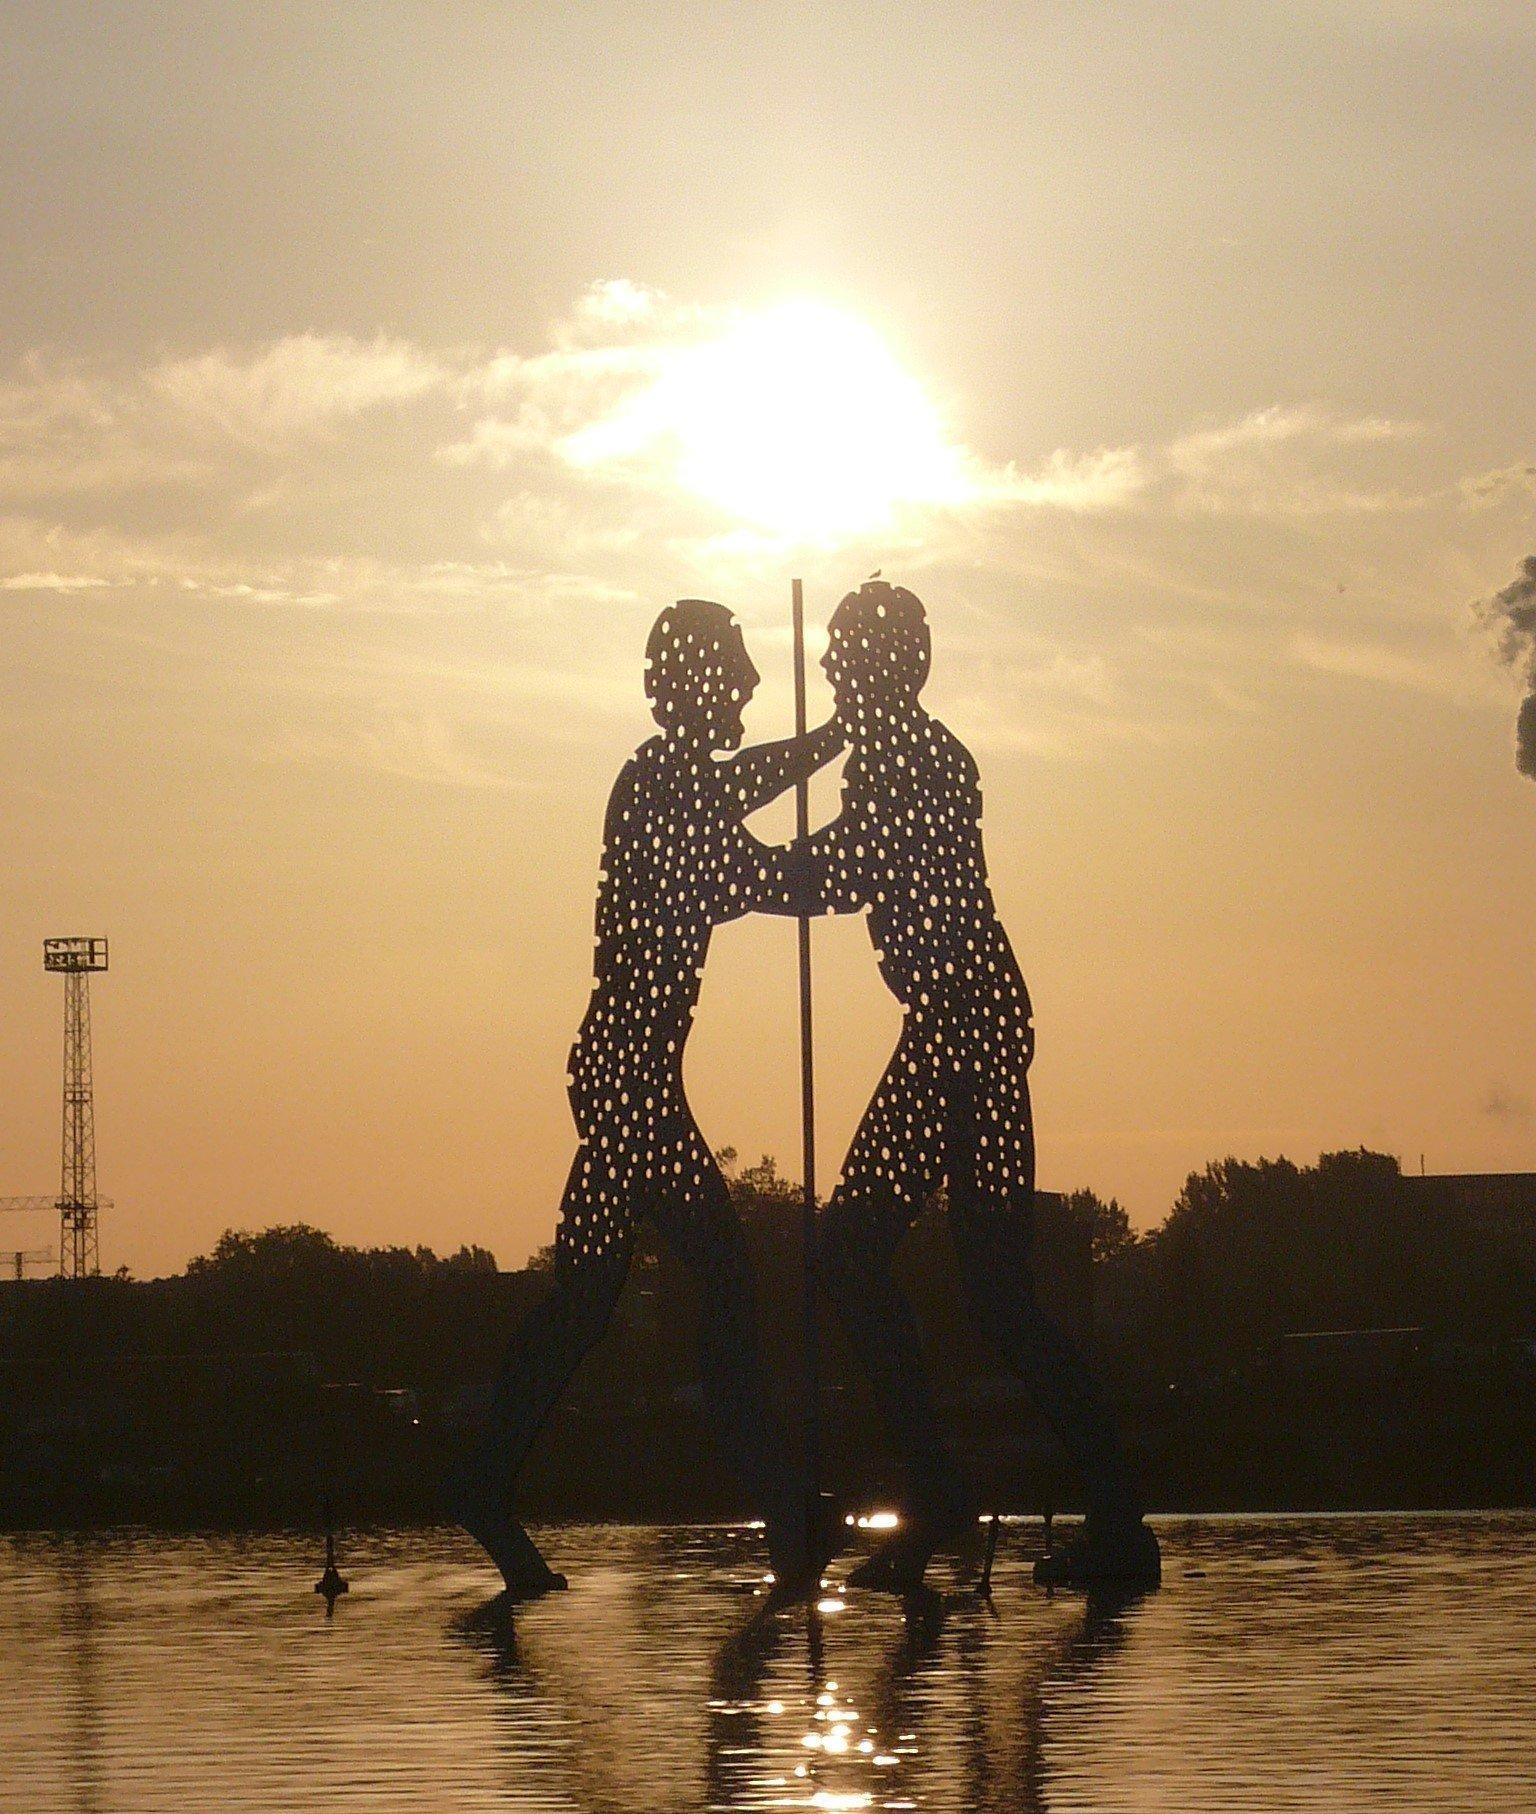 """Lochplatten-Skulpturen des """"Molecule Man"""" im Gegenlicht der untergehenden Sonne. Von den drei Skulpturen sind aufgrund des Aufnahmewinkels nur zwei zu sehen."""